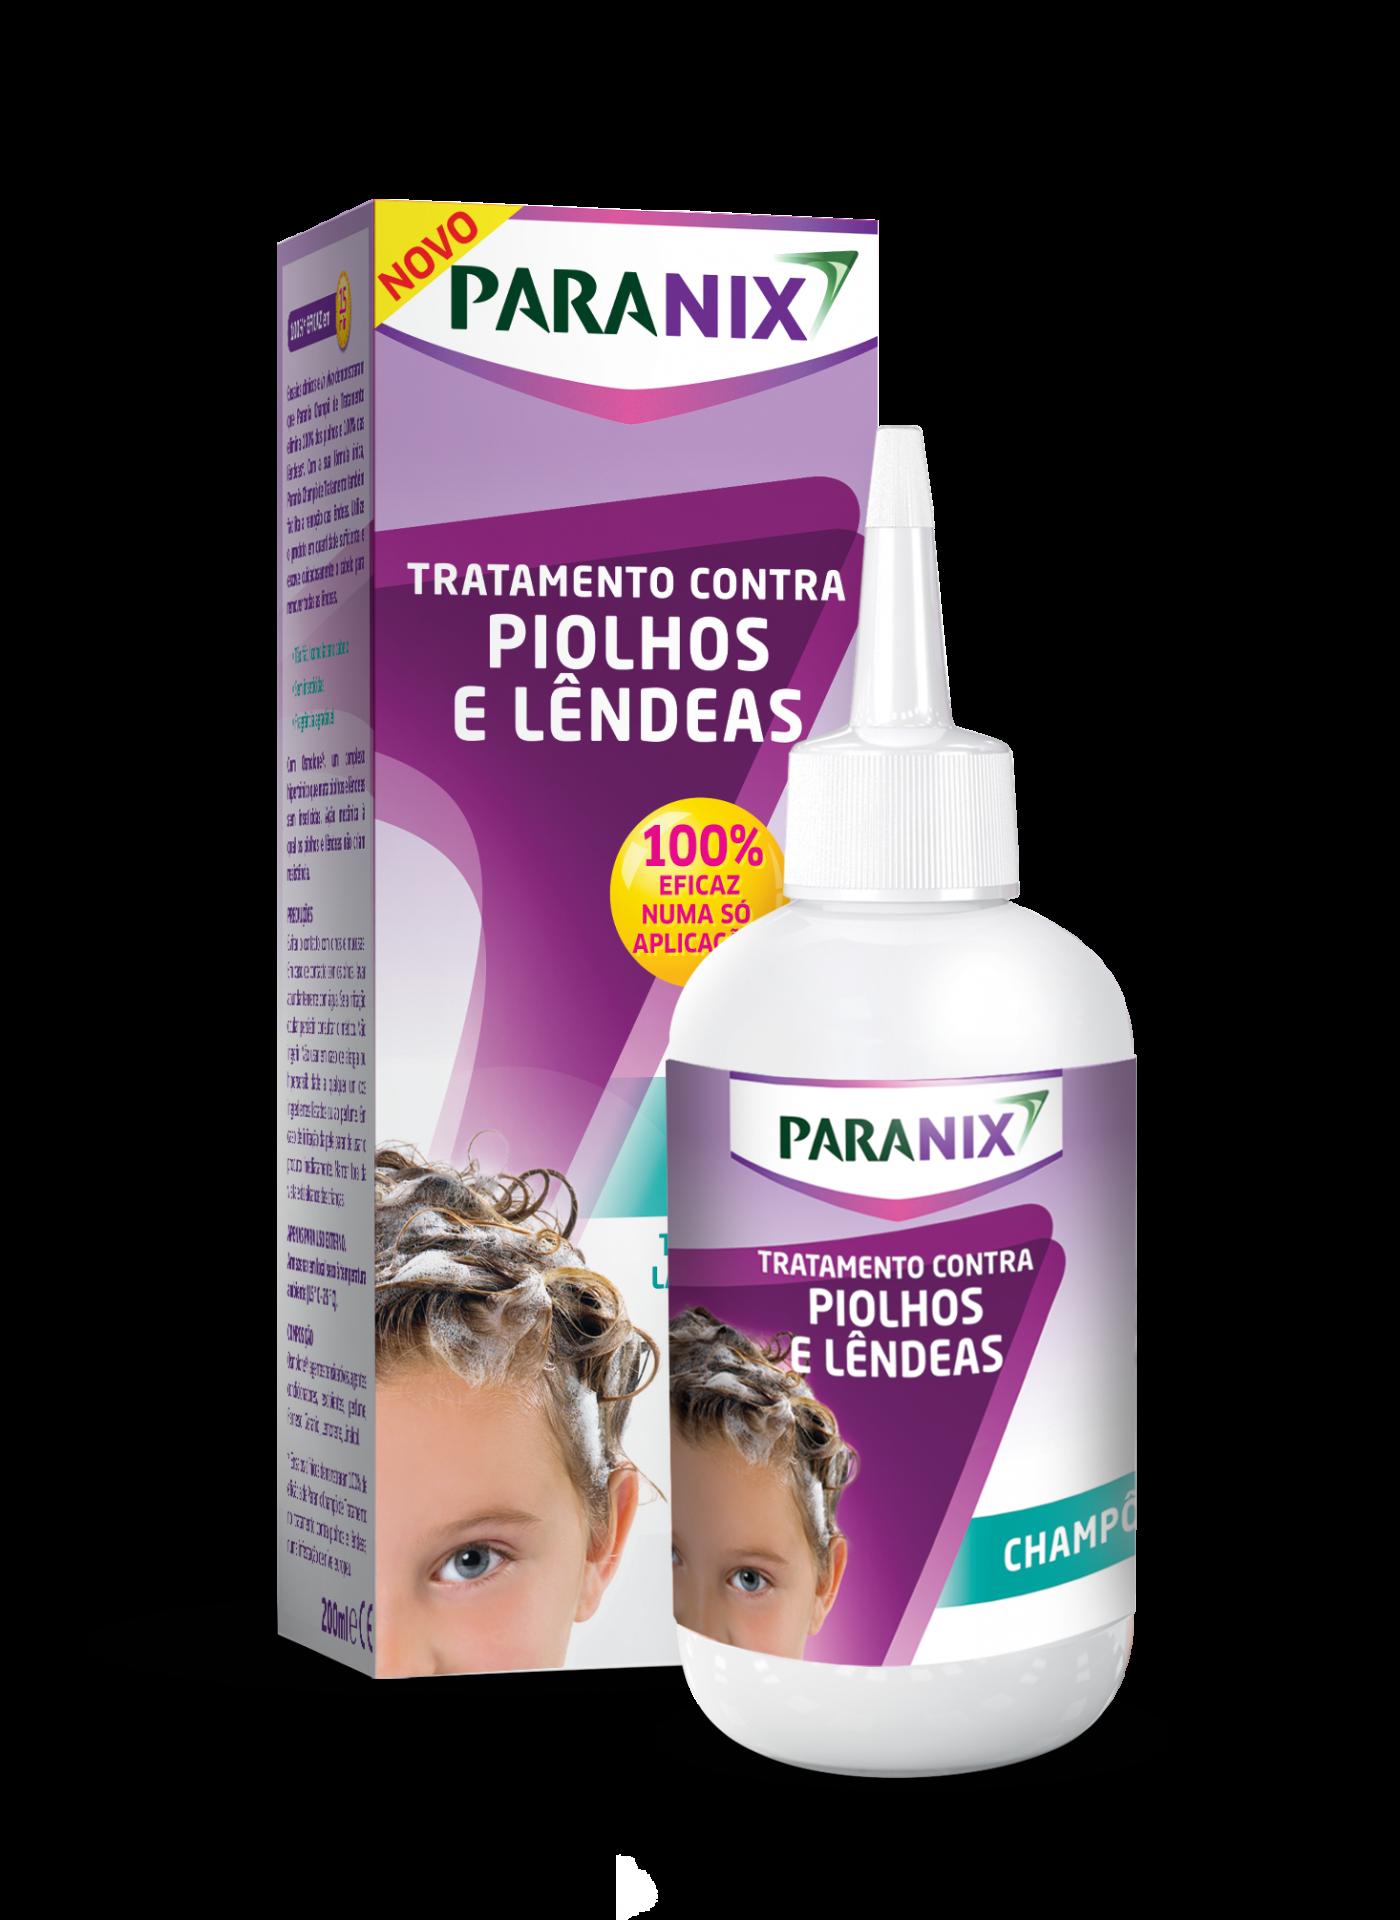 Paranix | Champô de Tratamento 200ml